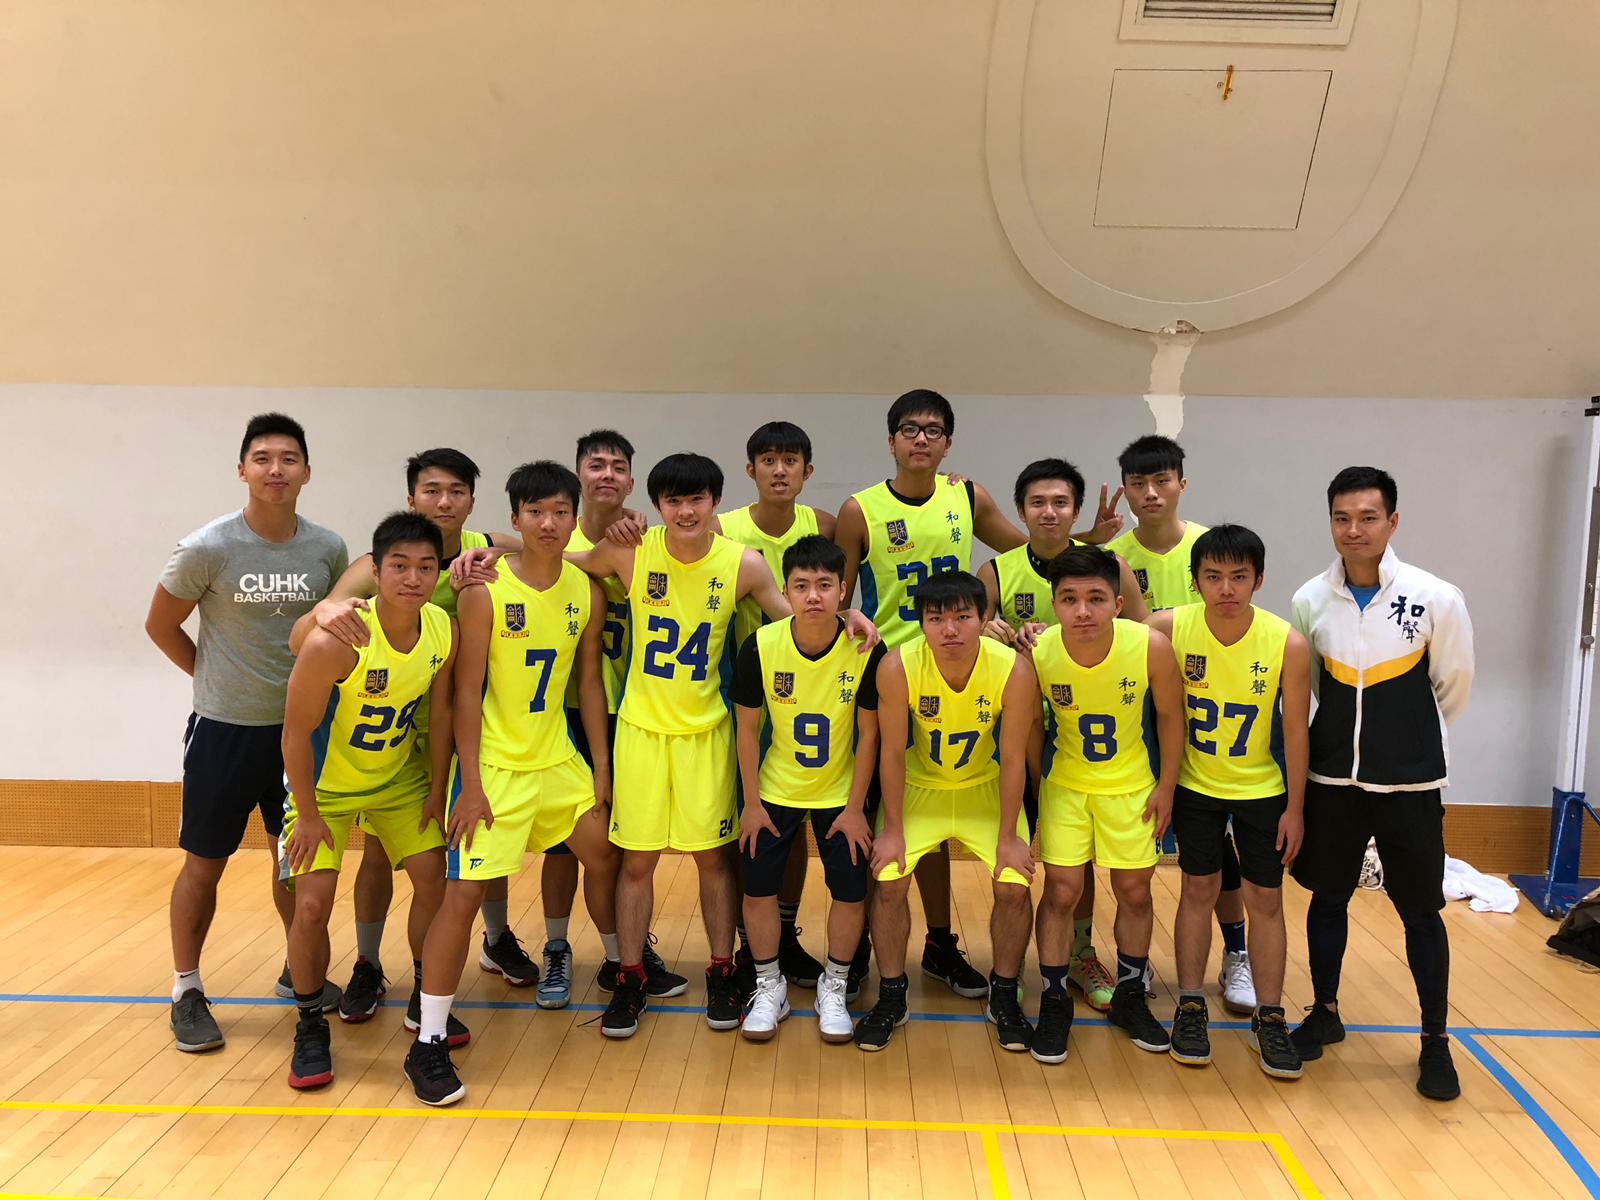 男子籃球隊 Men Basketball Team